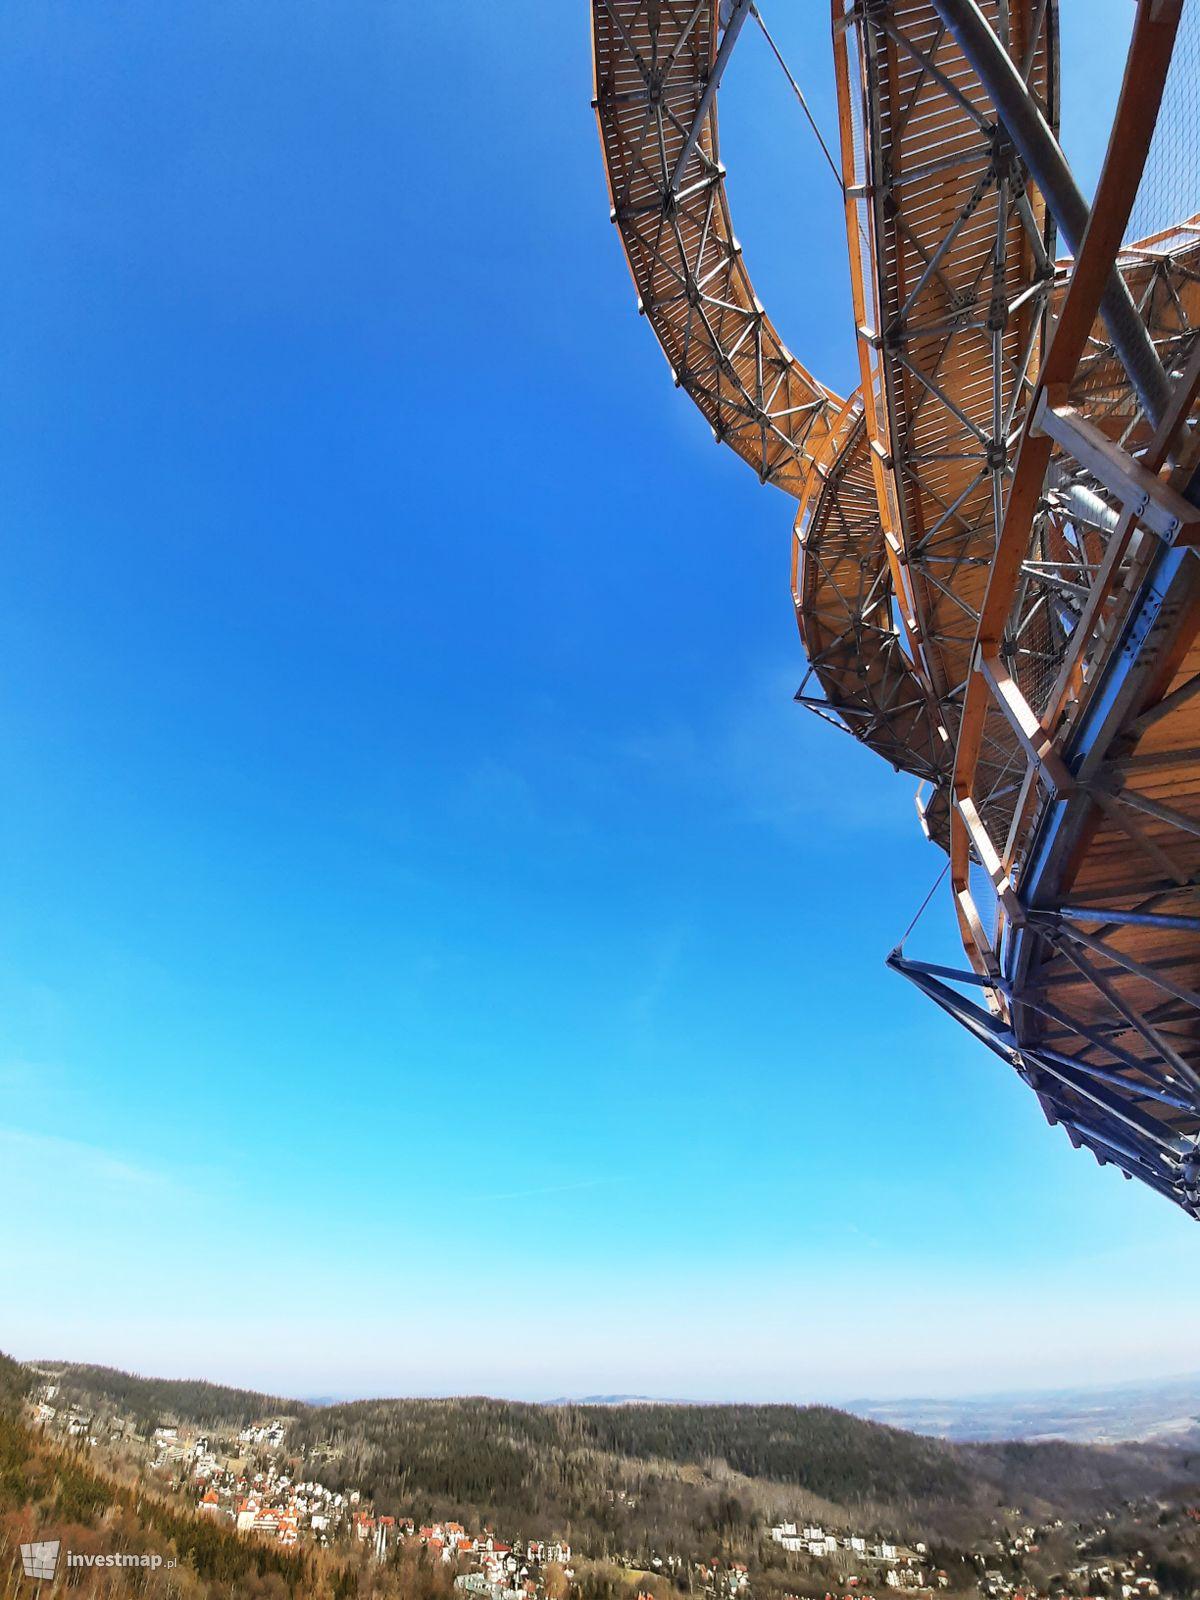 Zdjęcie Sky Walk - wieża widokowa ze ścieżką edukacyjną w koronach drzew fot. Paweł Harom